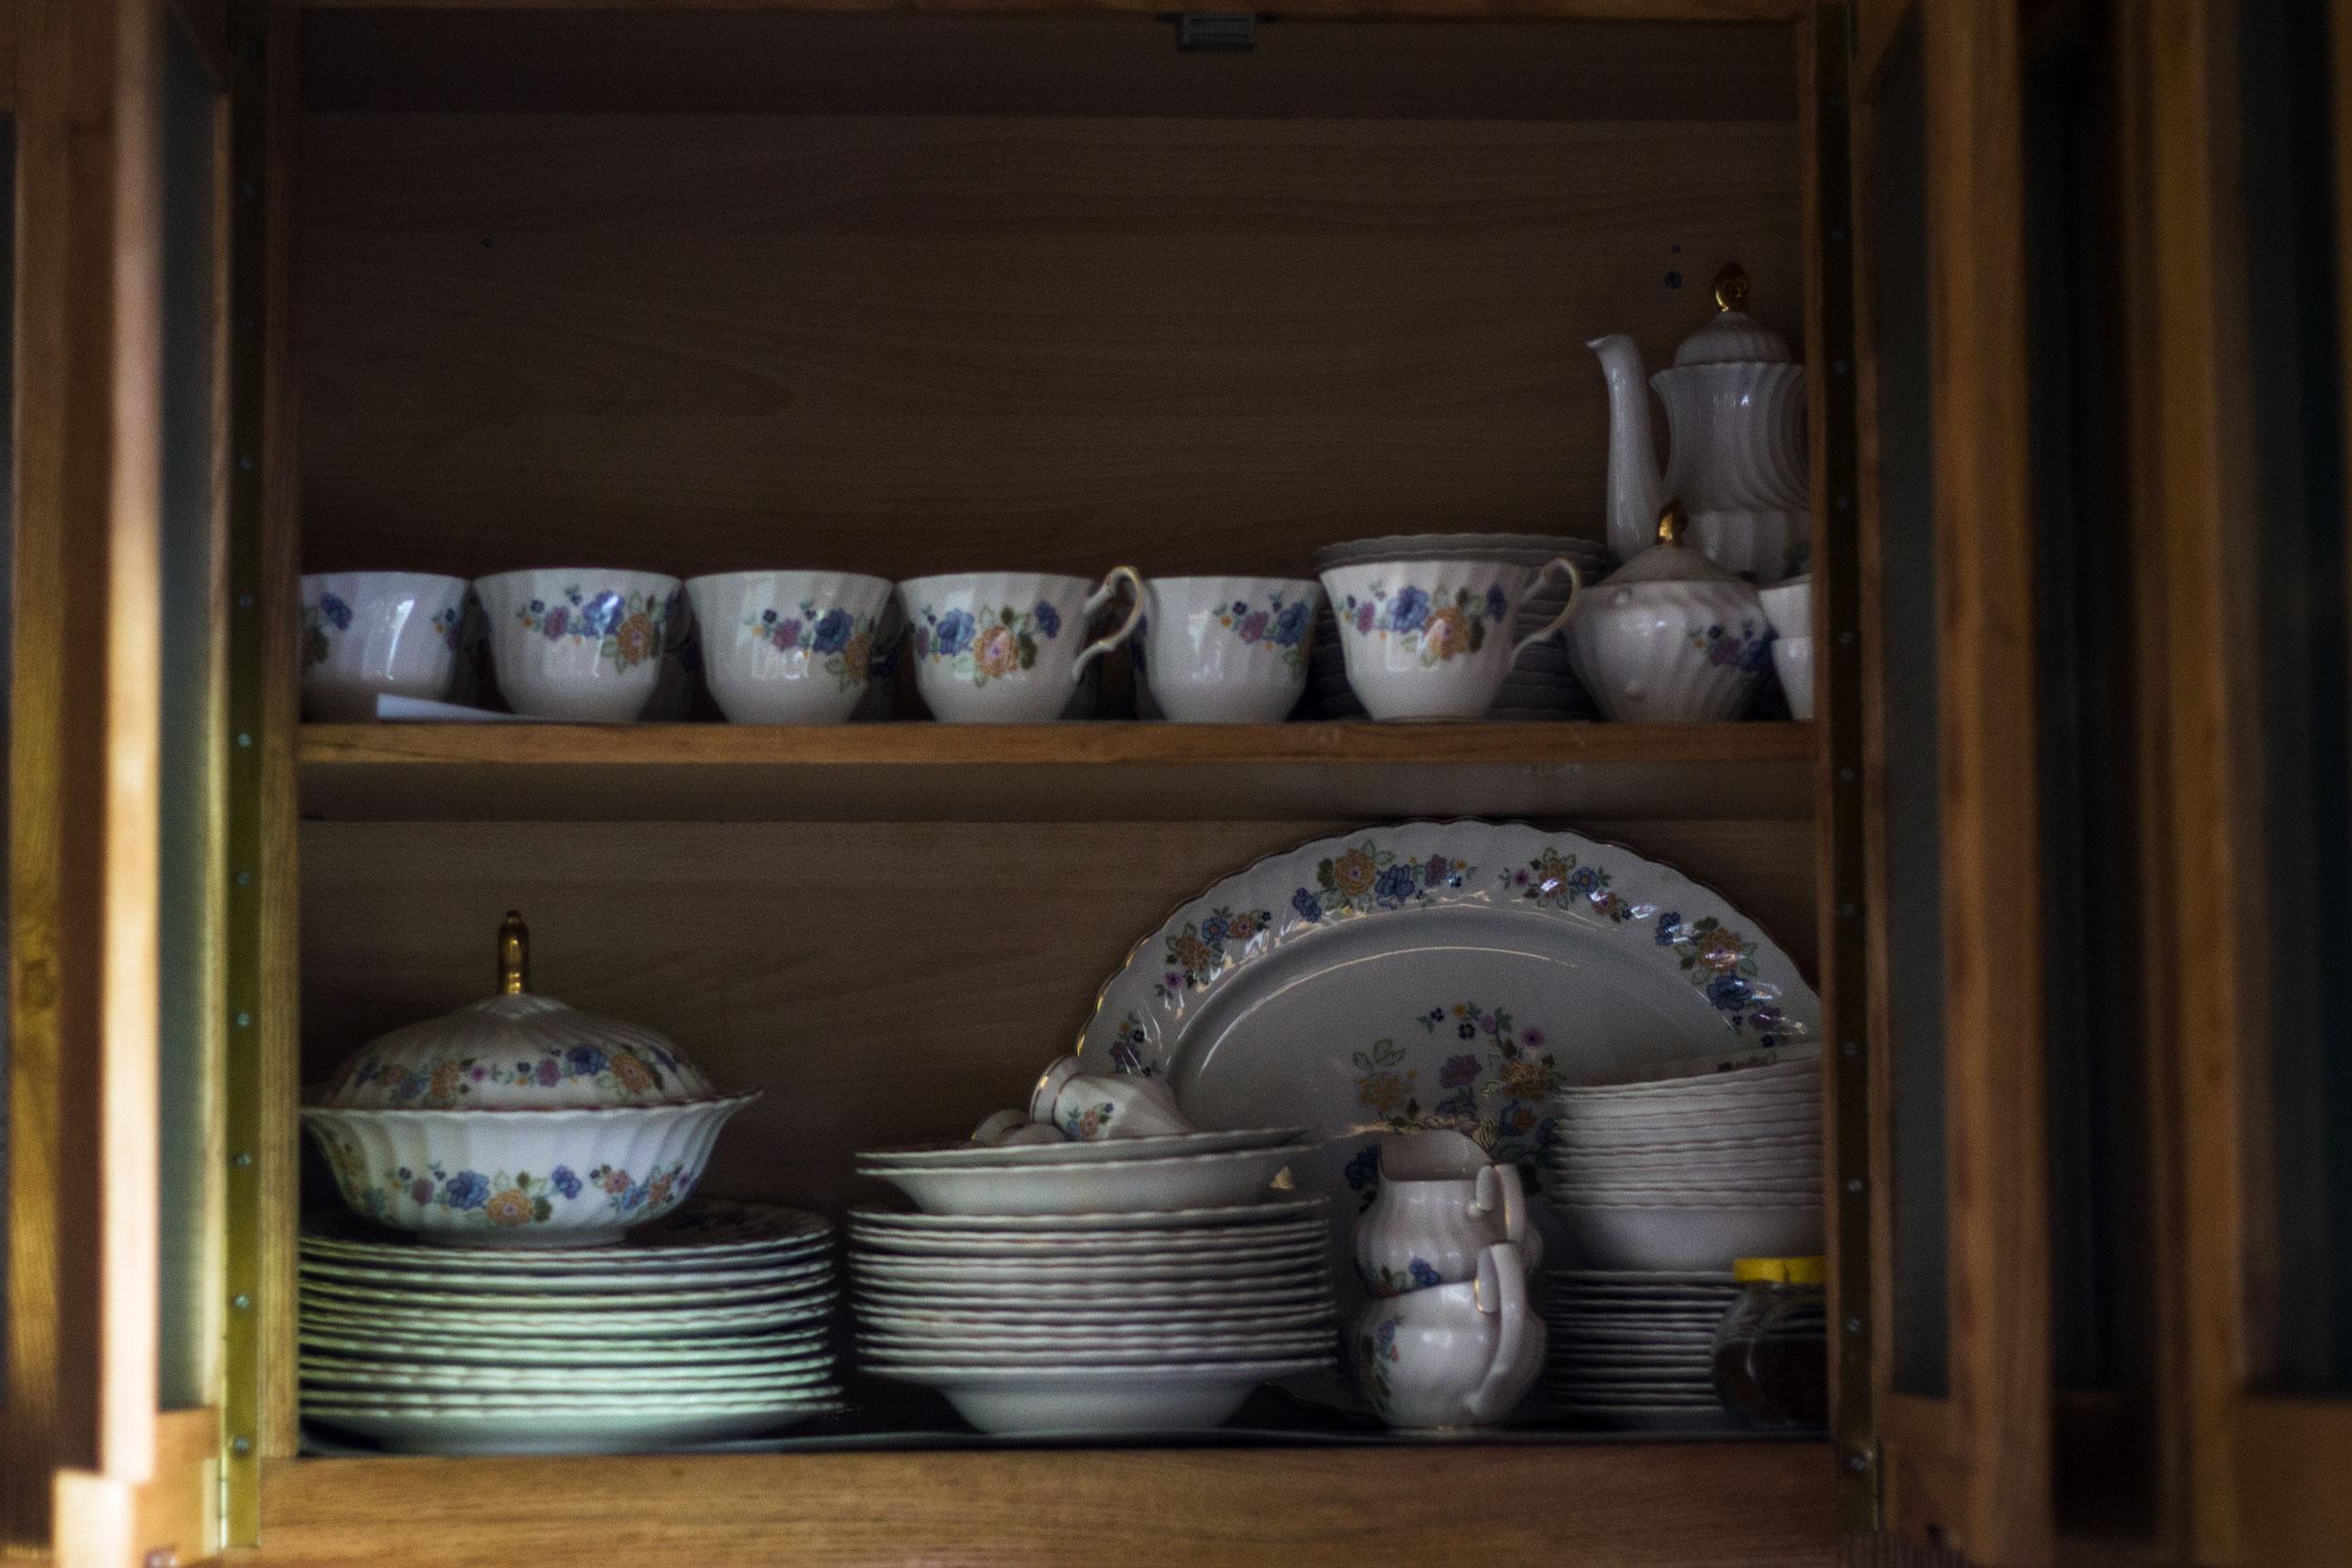 Tea set & her